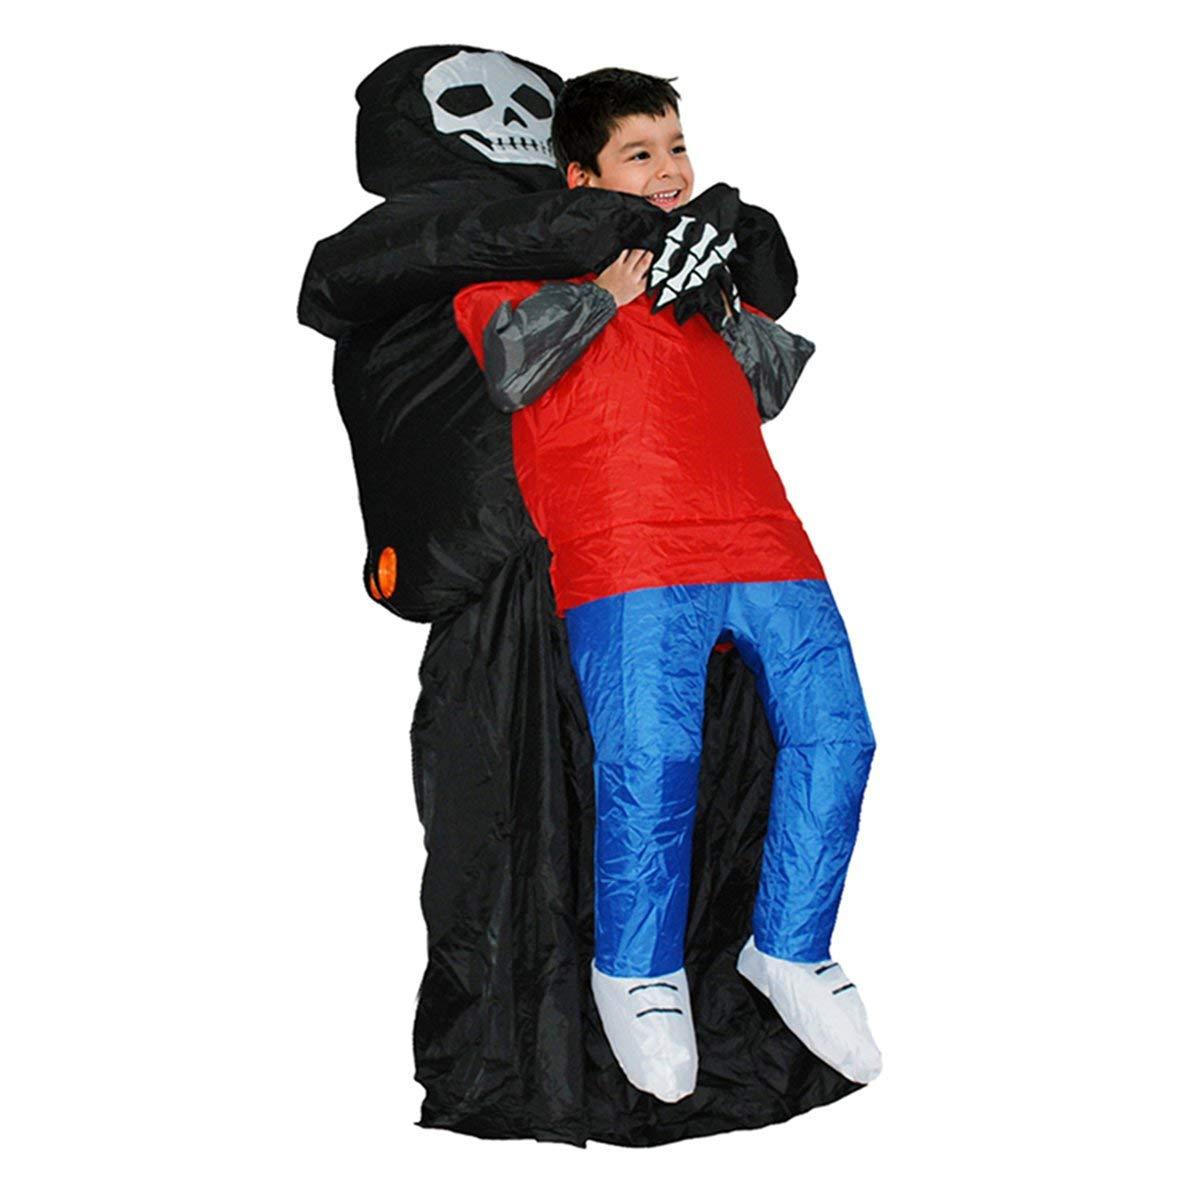 Heaviesk Aufblasbare Teufel Kostüm Party Cosplay Blowup Kostüm Für Erwachsene Erwachsene Erwachsene Kinder c92a93